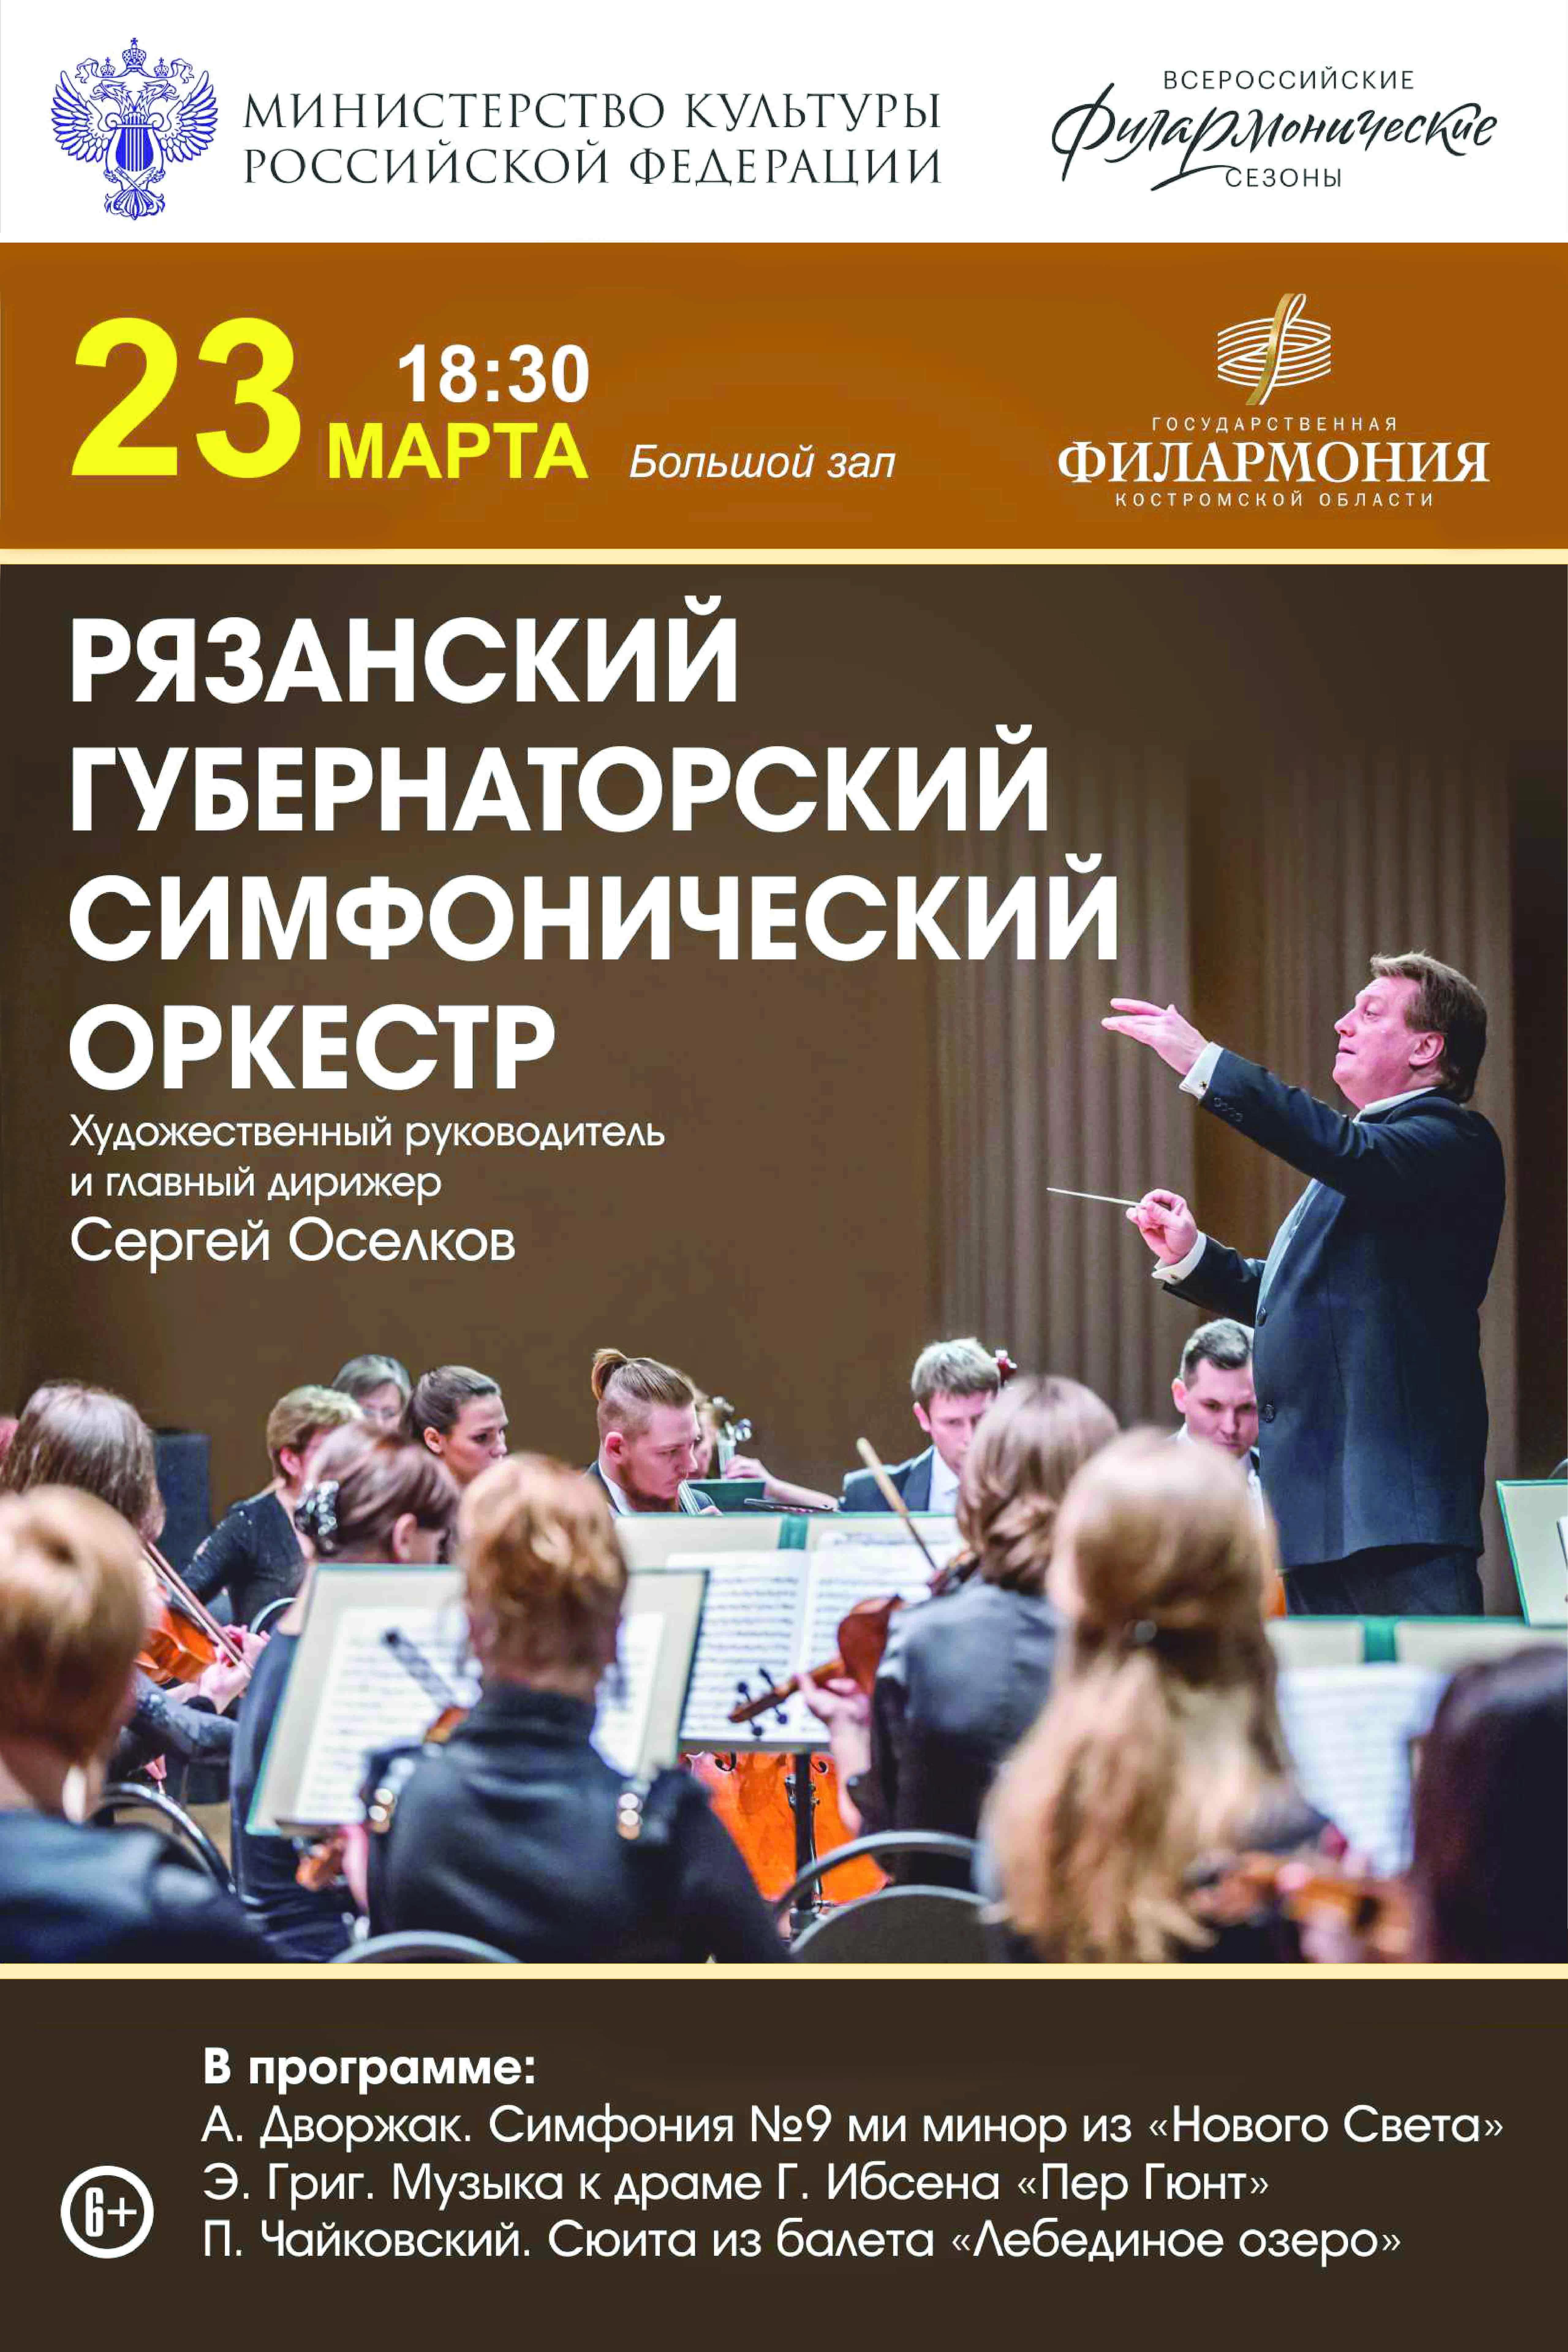 Всероссийские филармонические сезоны. Рязанский губернаторский симфонический оркестр